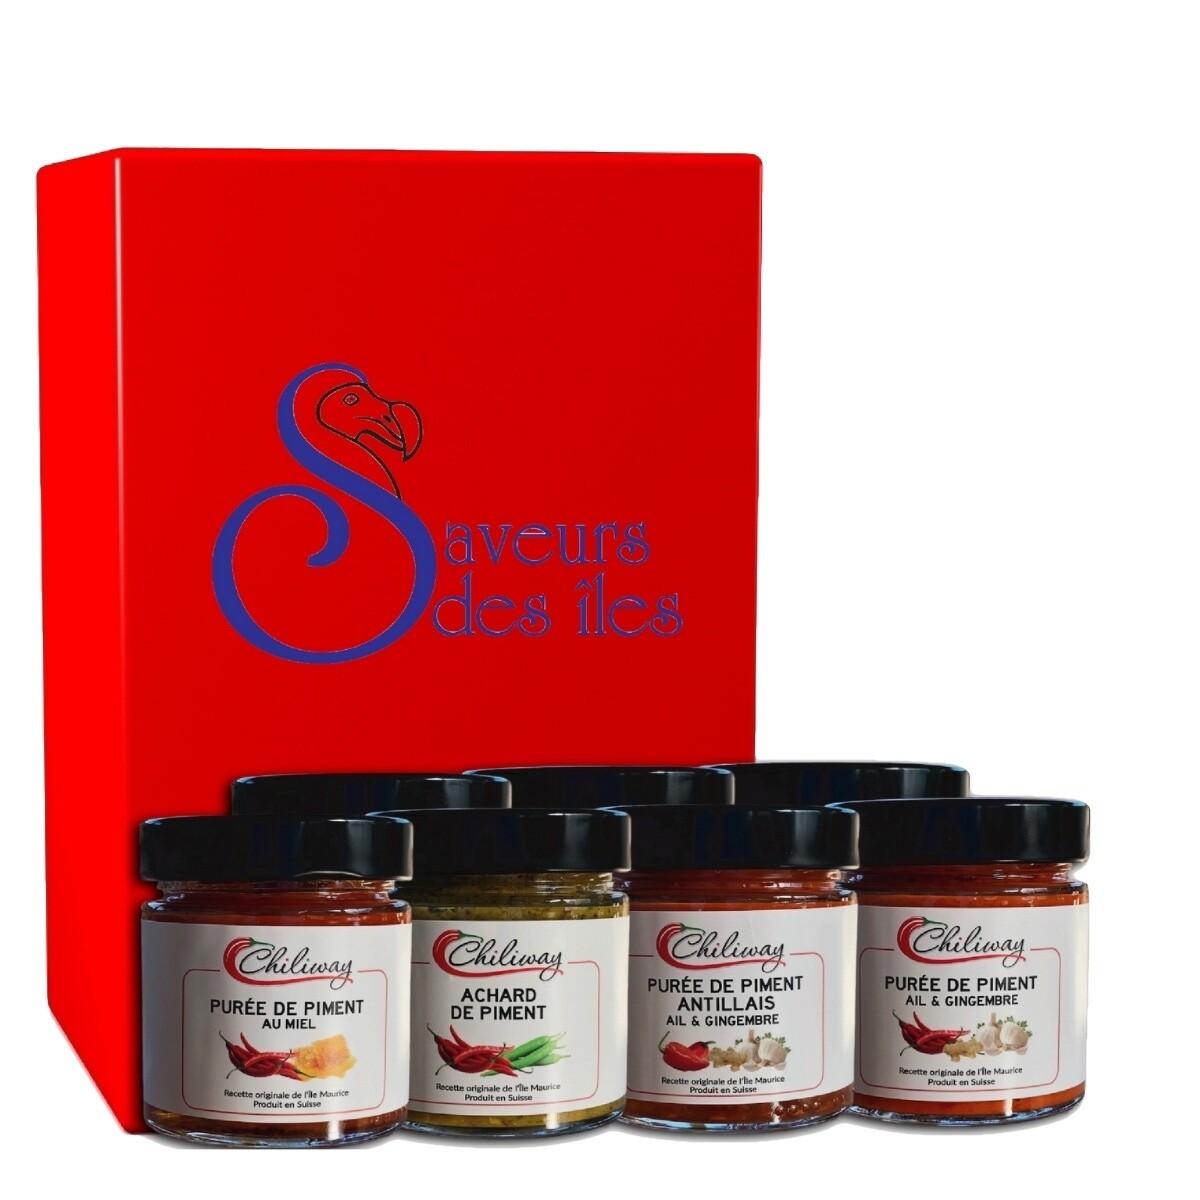 Coffret cadeau Terre Rouge - 6 produits